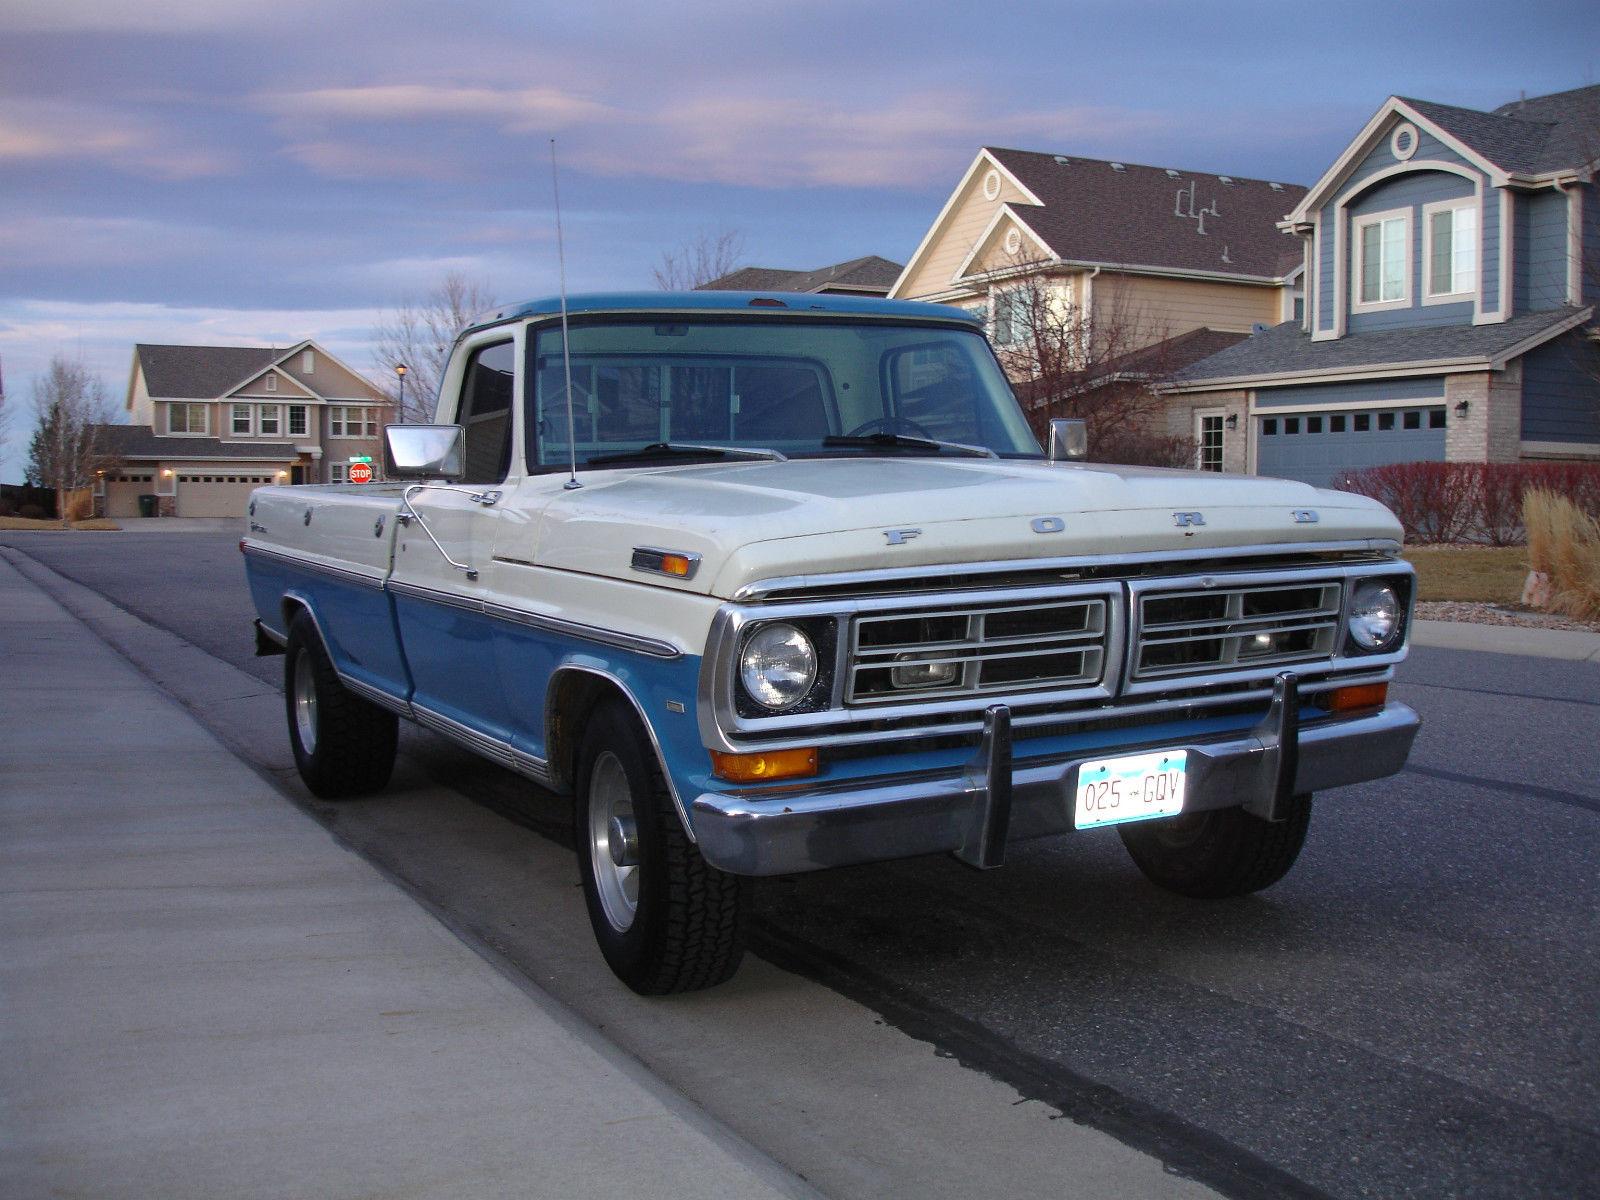 1971 ford f 250 sport custom vintage truck. Black Bedroom Furniture Sets. Home Design Ideas